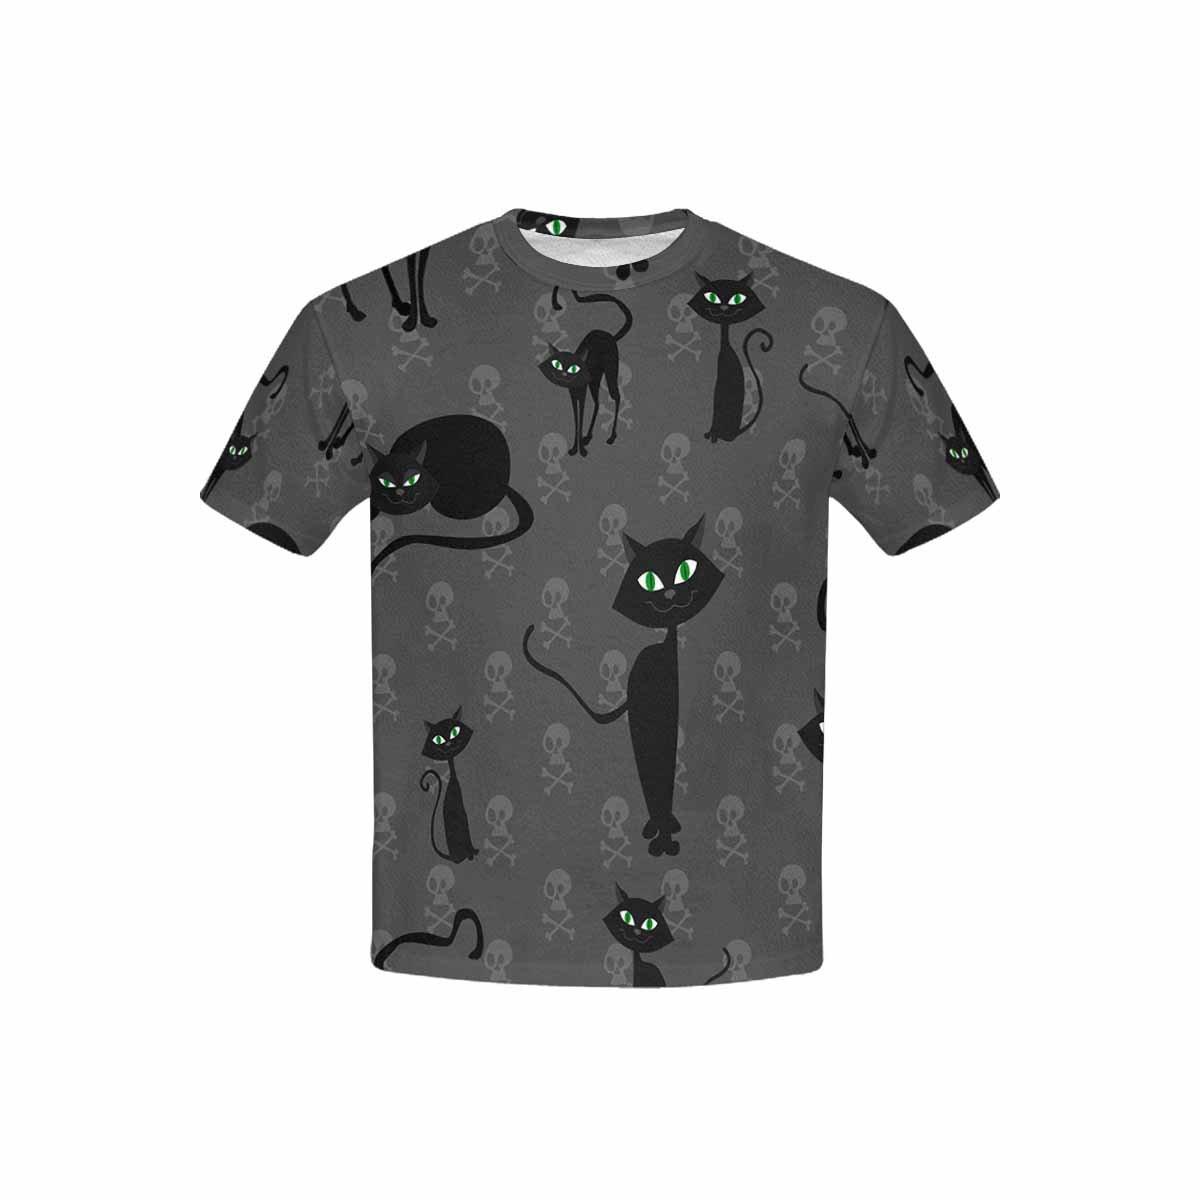 INTERESTPRINT Childs T-Shirt Black Halloween Cats and Skulls XS-XL